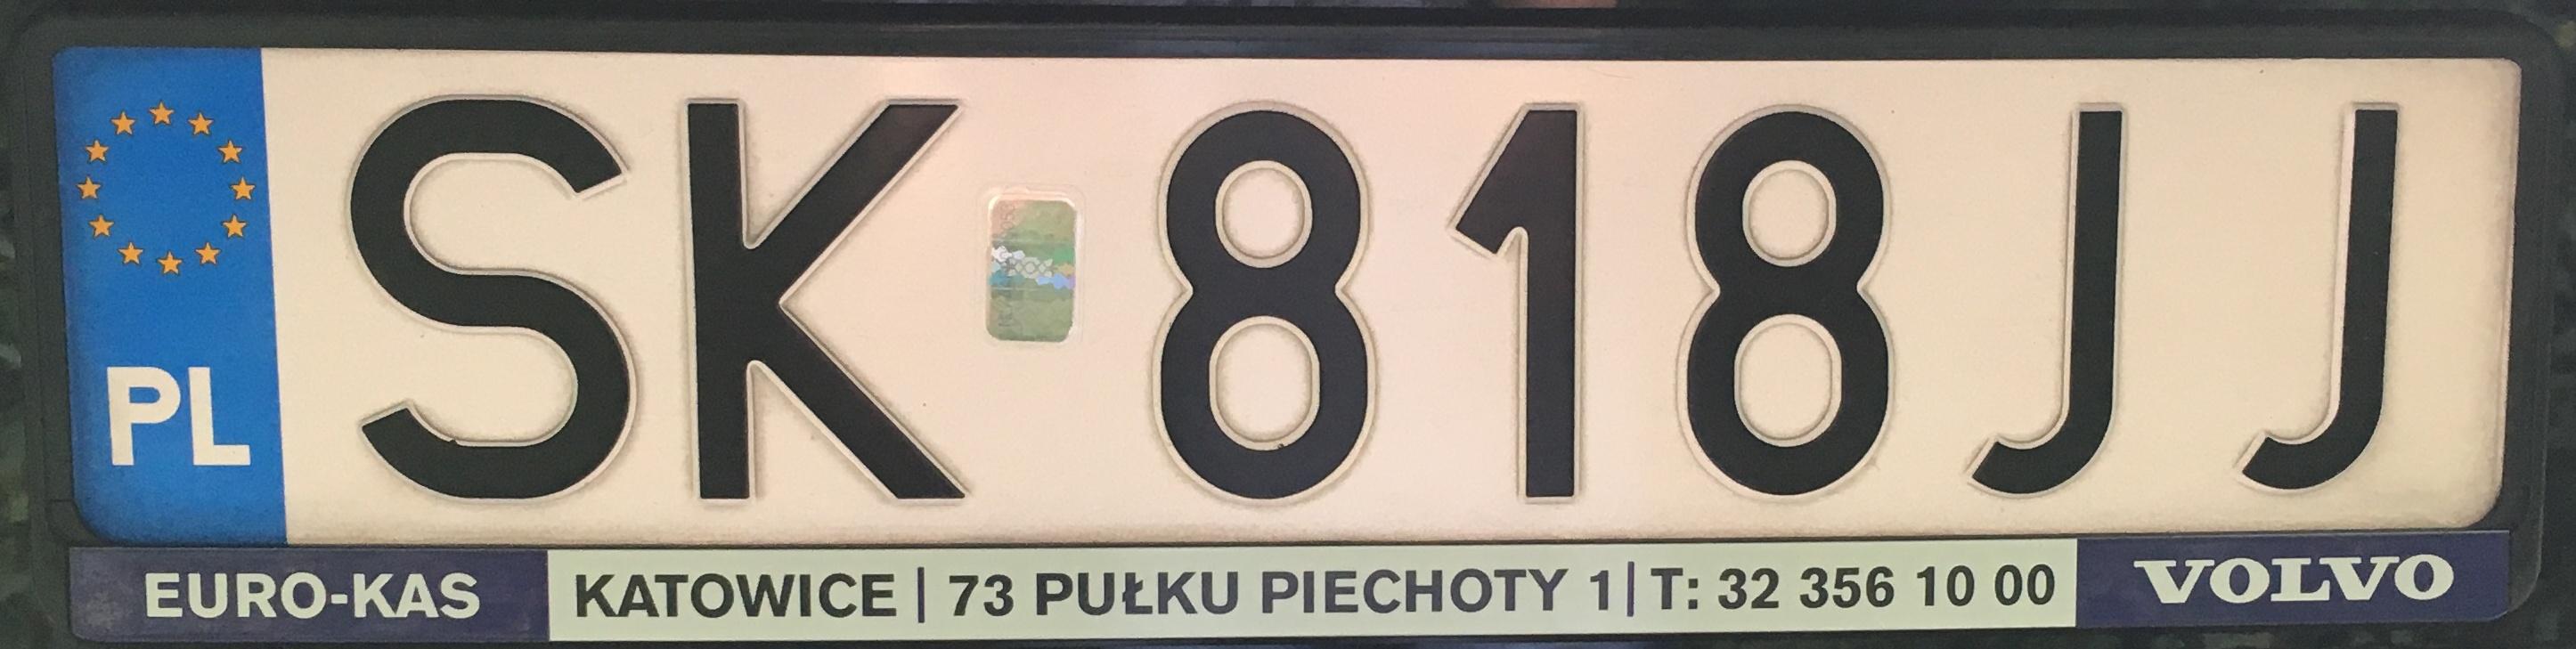 Registrační značka Polsko - SK - Katowice, foto: vlastní